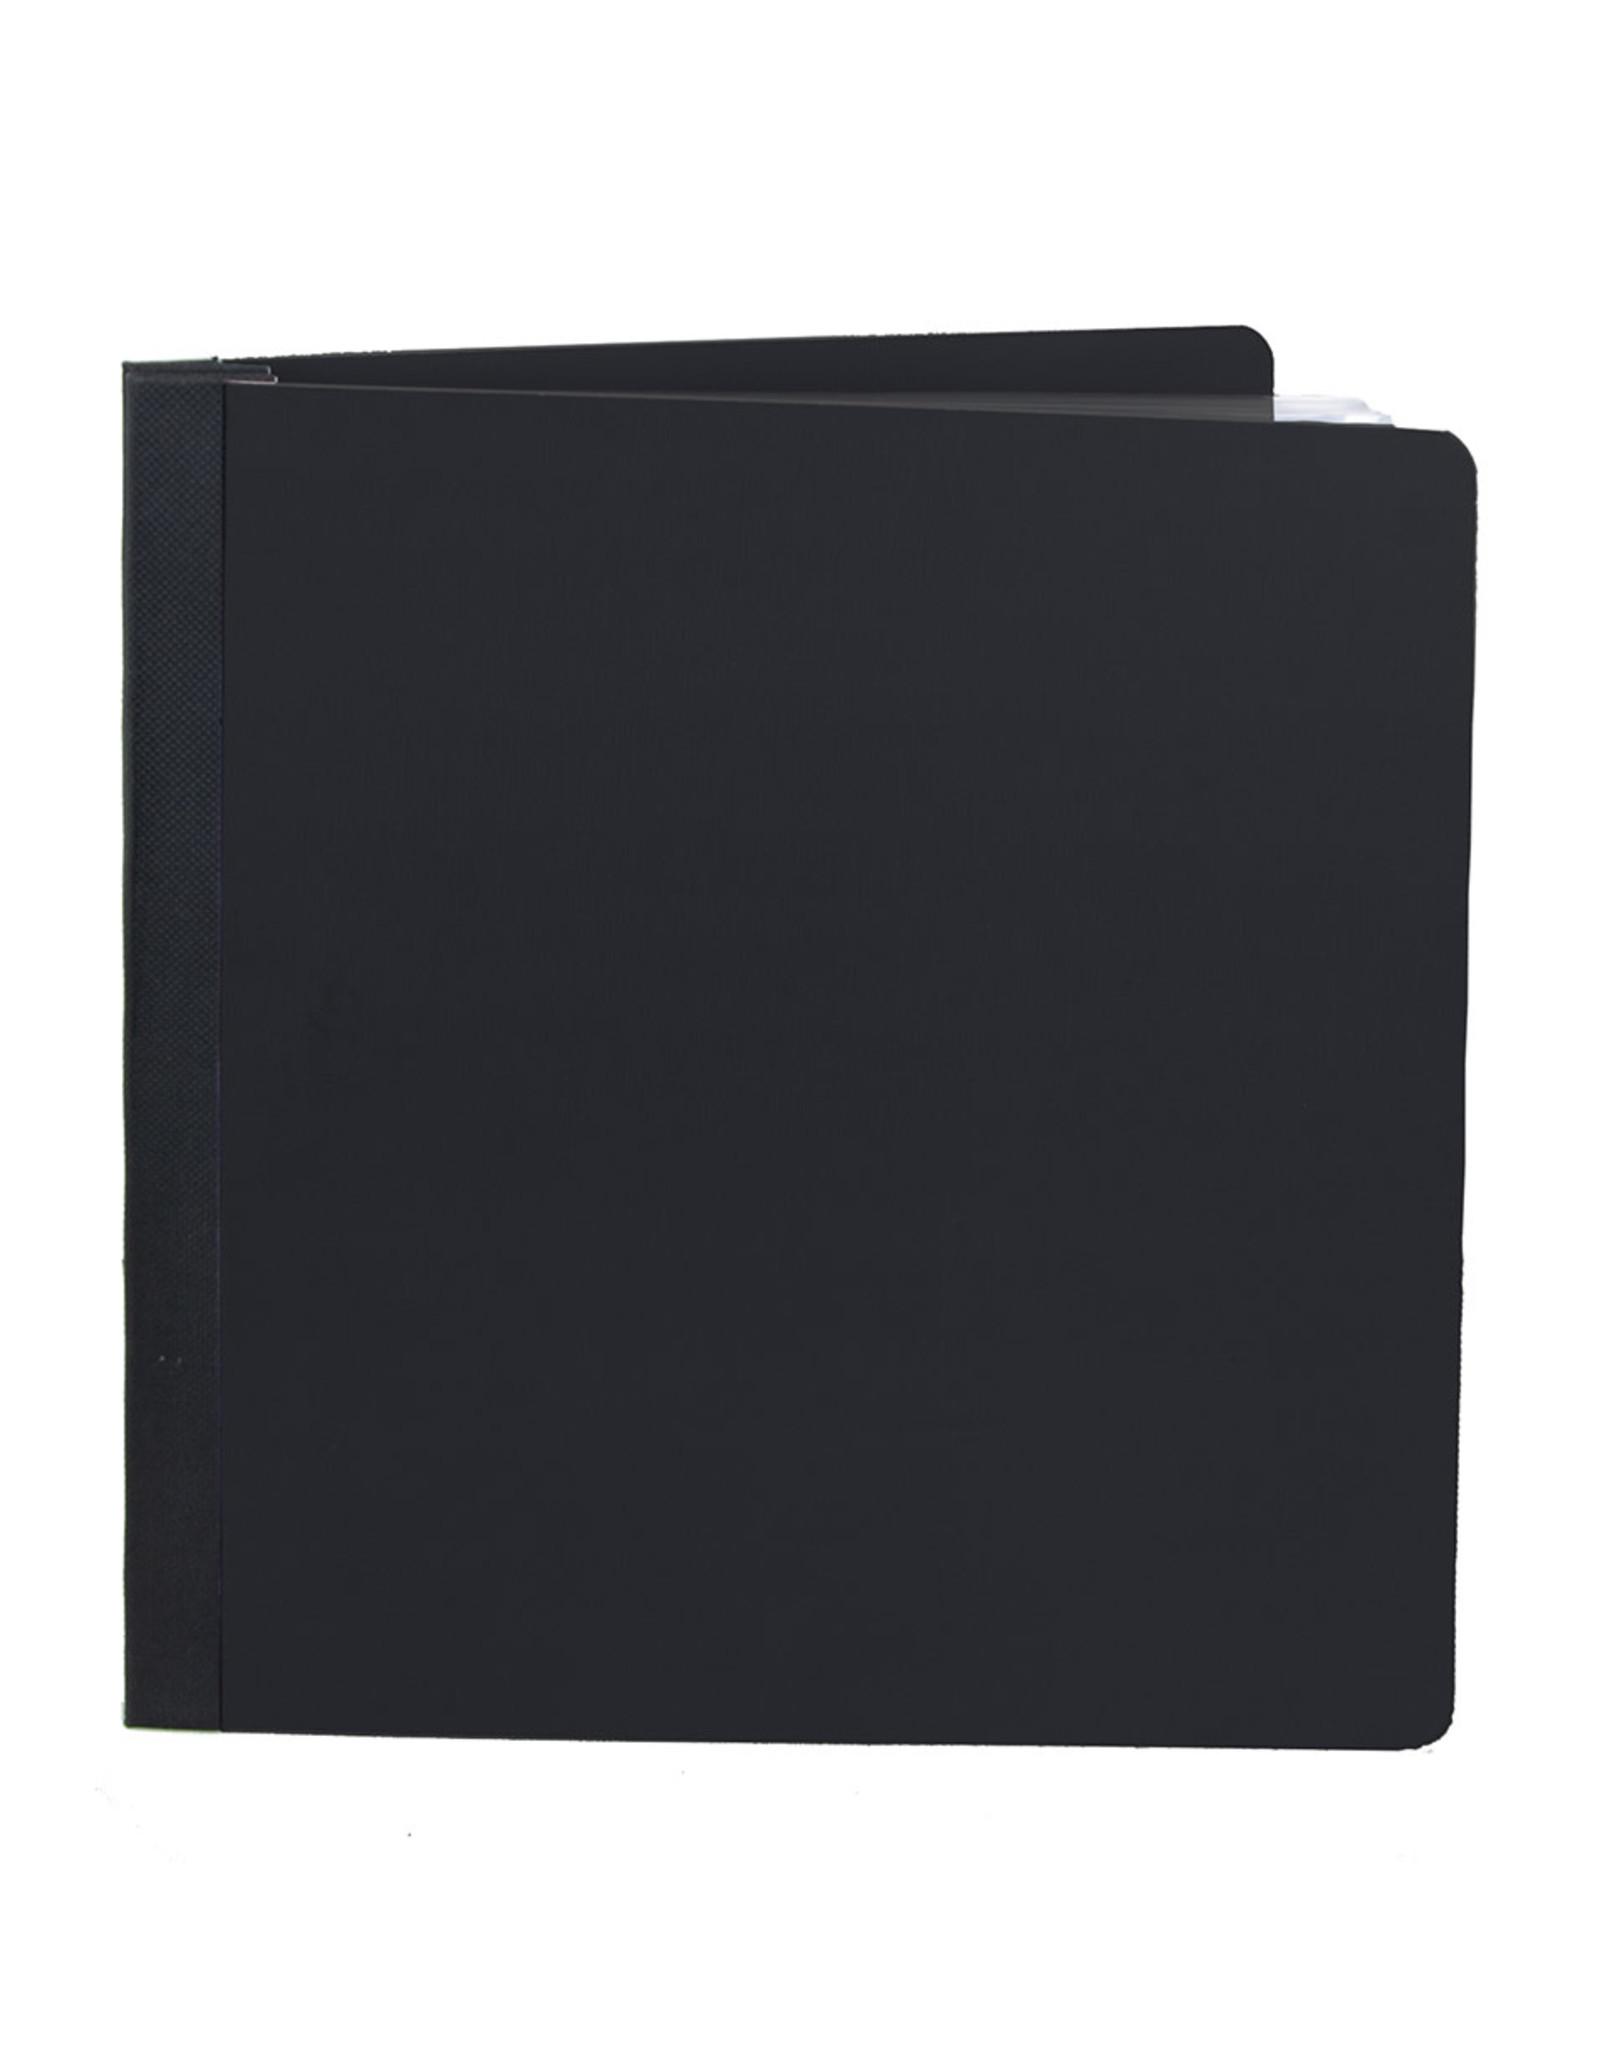 Simple Stories 6x8 SN@P! Flipbook Black